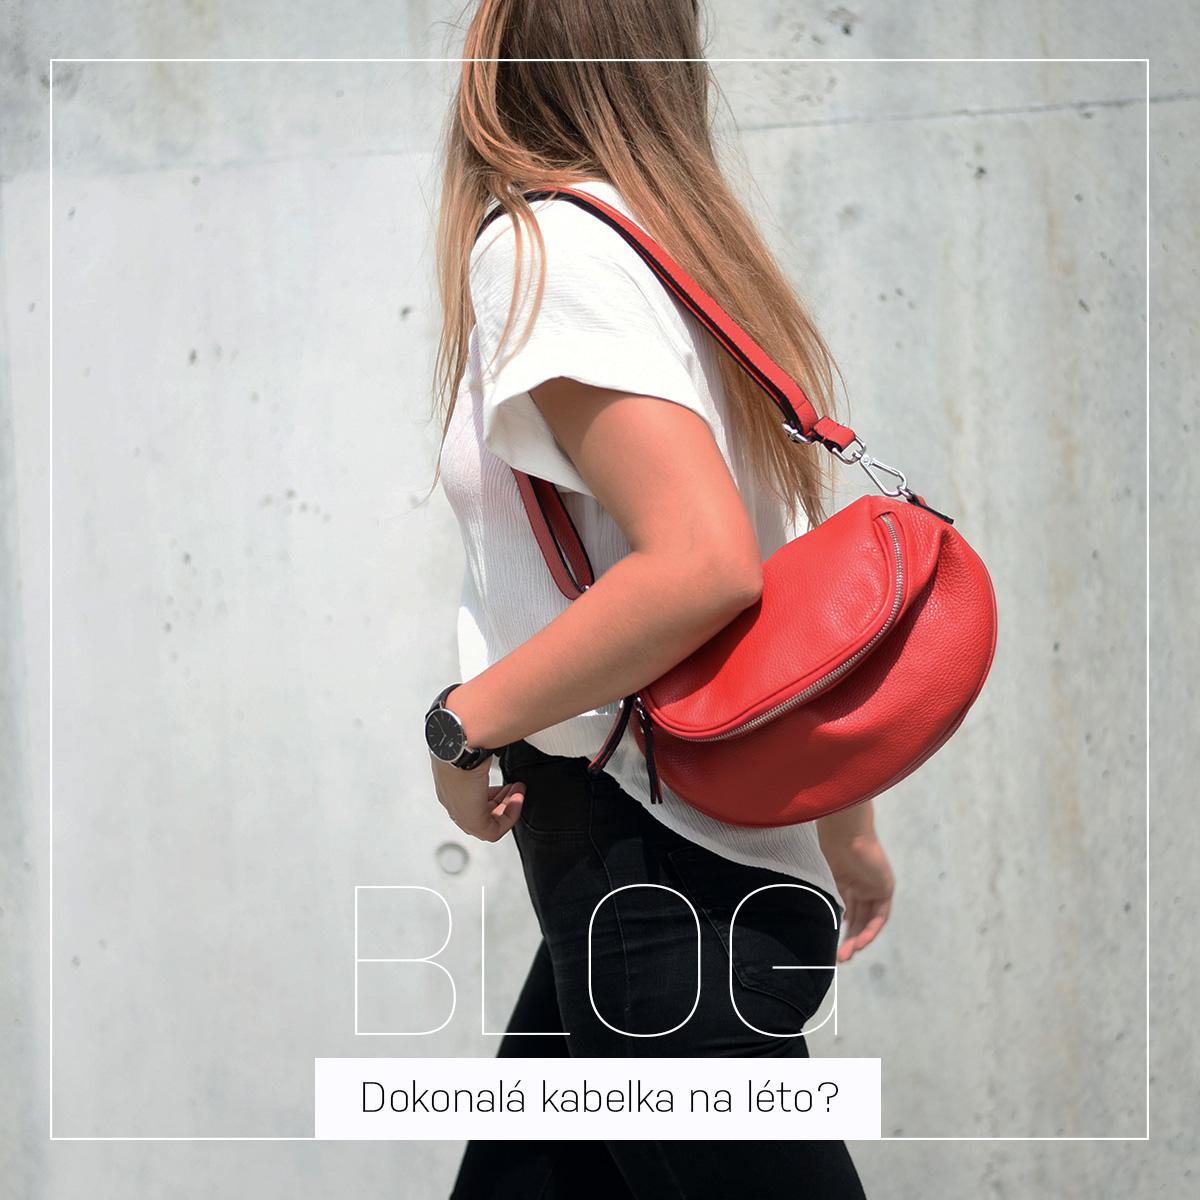 Jak vypadá dokonalá kabelka na léto? | Malé barevné kabelky